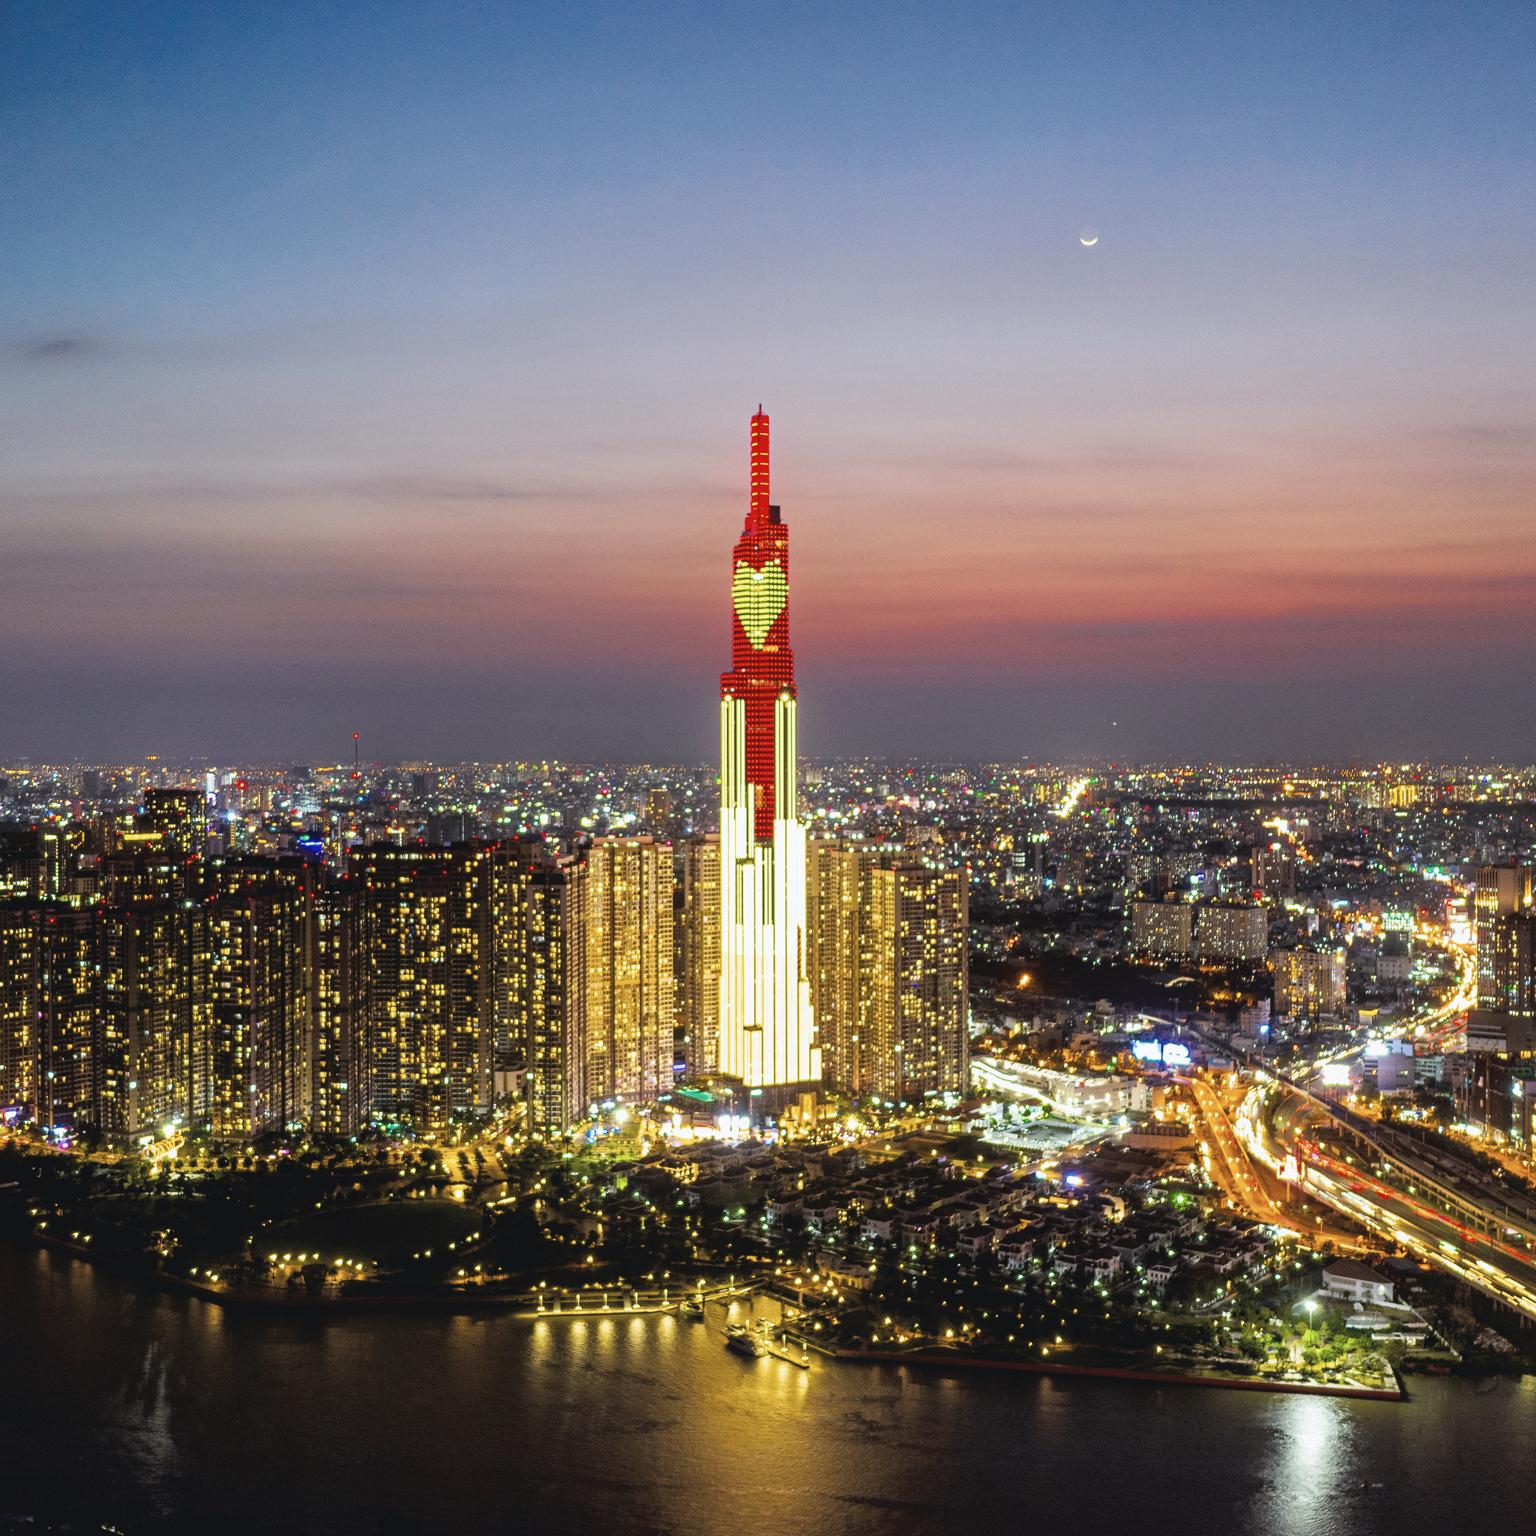 Nổi lên từ đại dịch, kinh tế Việt Nam phục hồi để định vị chính mình